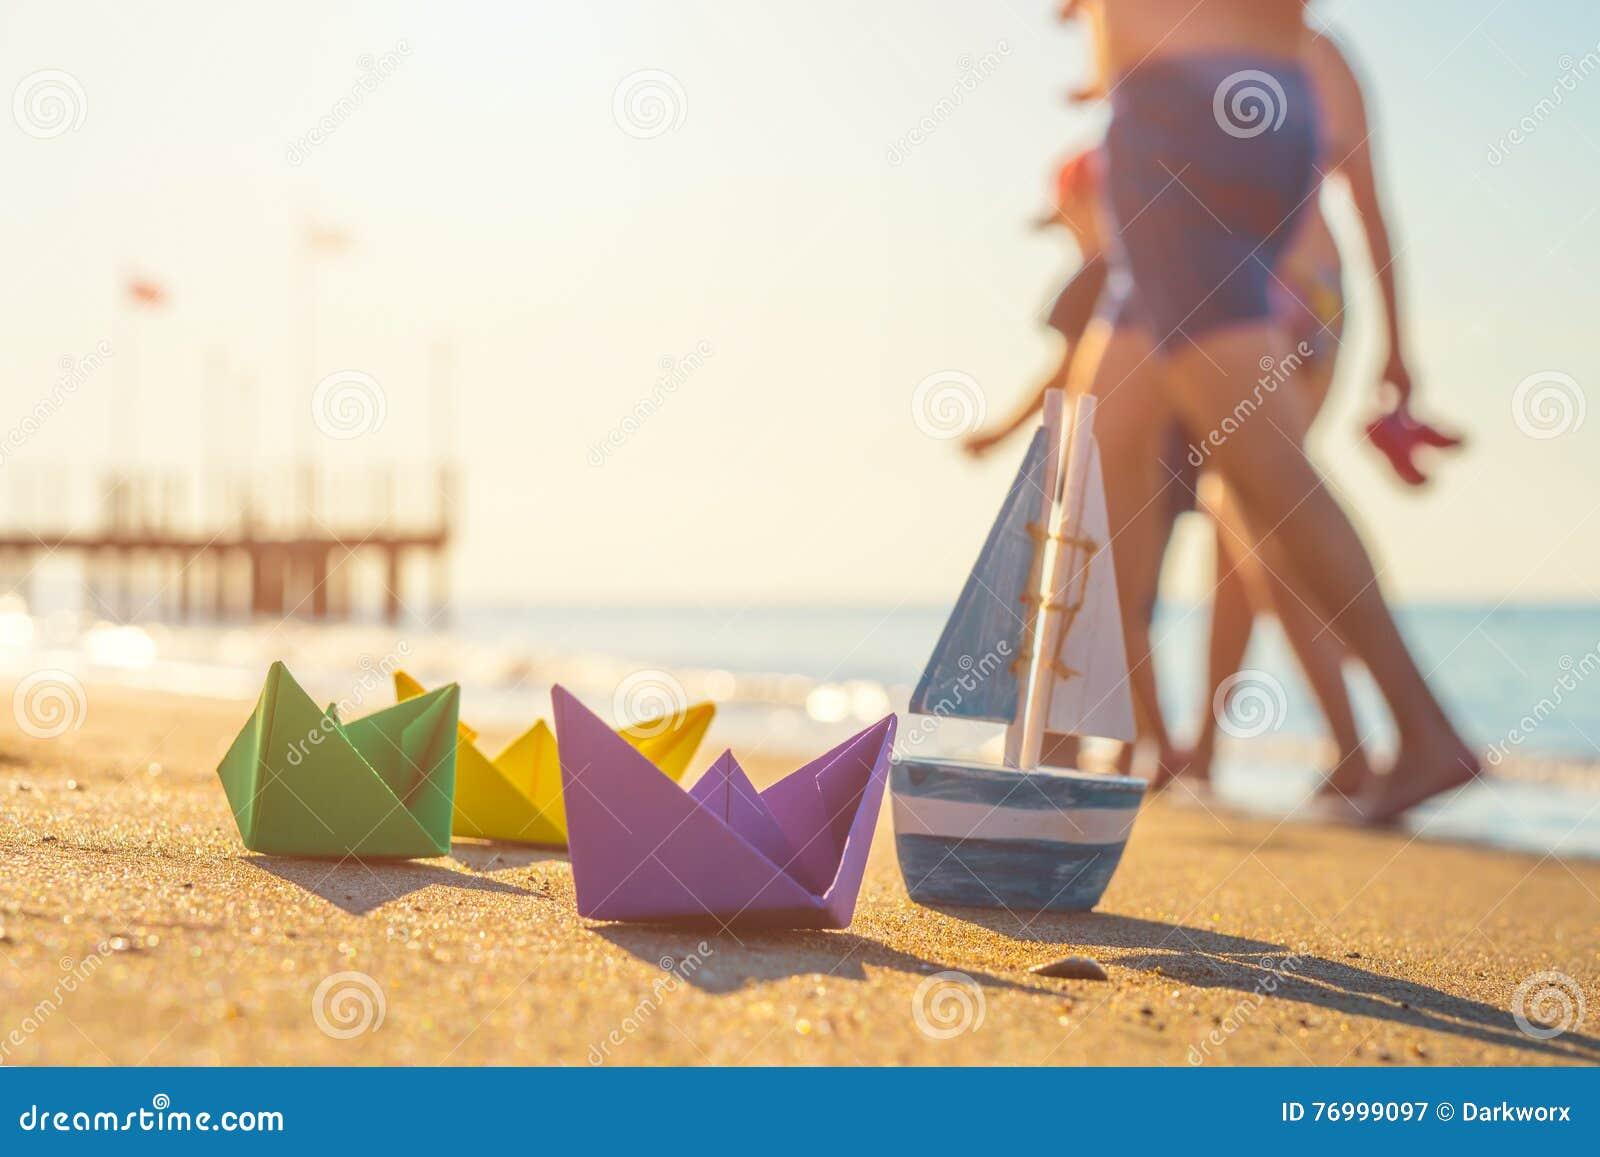 Papierowe łodzie, drewniana łódź i odprowadzeń ludzie przy plażą,